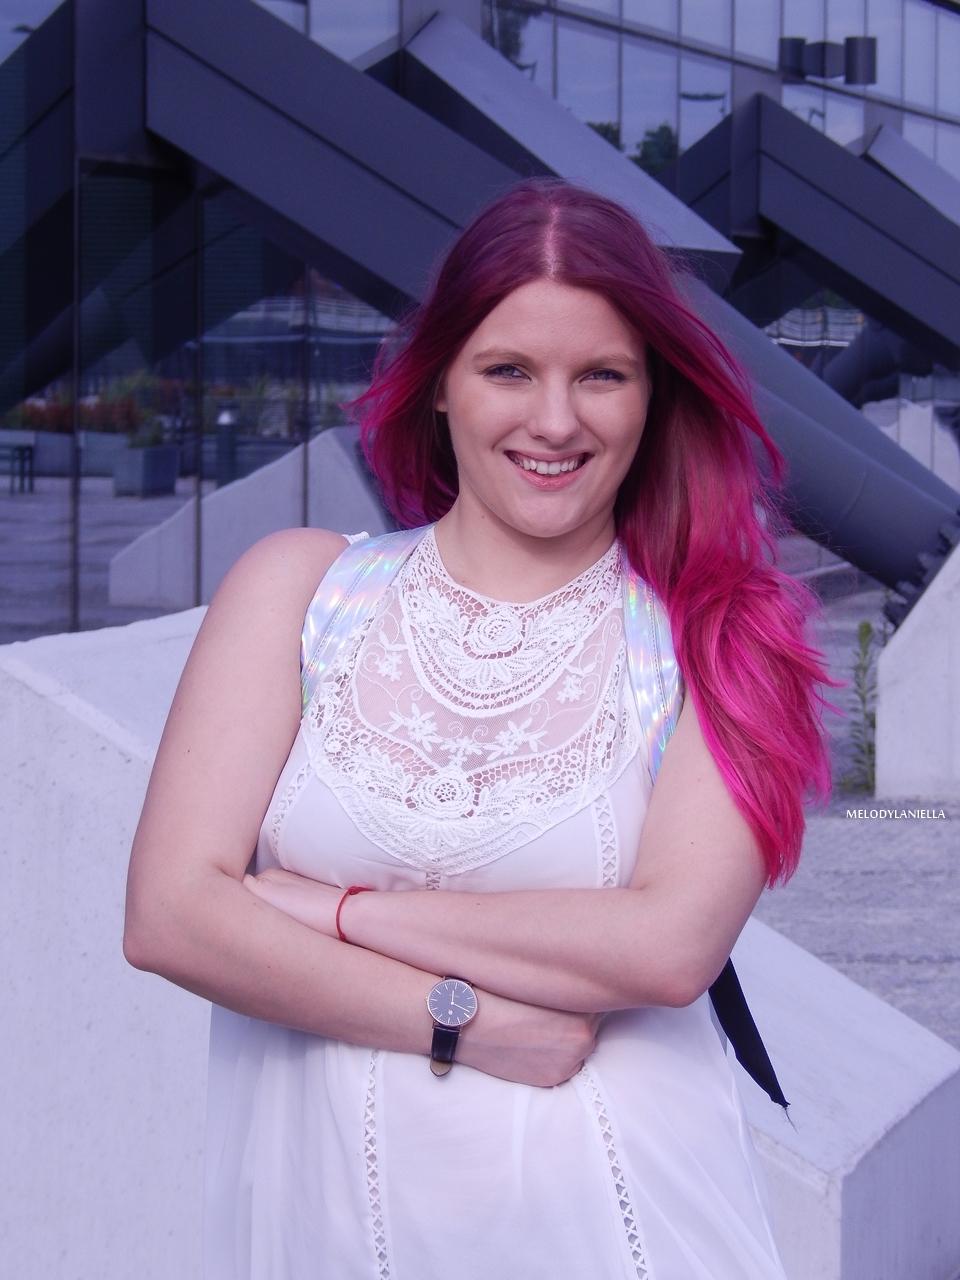 12 holograficzny plecak betterlook.pl farby venita różowe włosy jak pofarbować włosy kolorowe włosy ombre pink hair paul rich watches zegarek czarne jeansy z dziurami modna polka lookbook